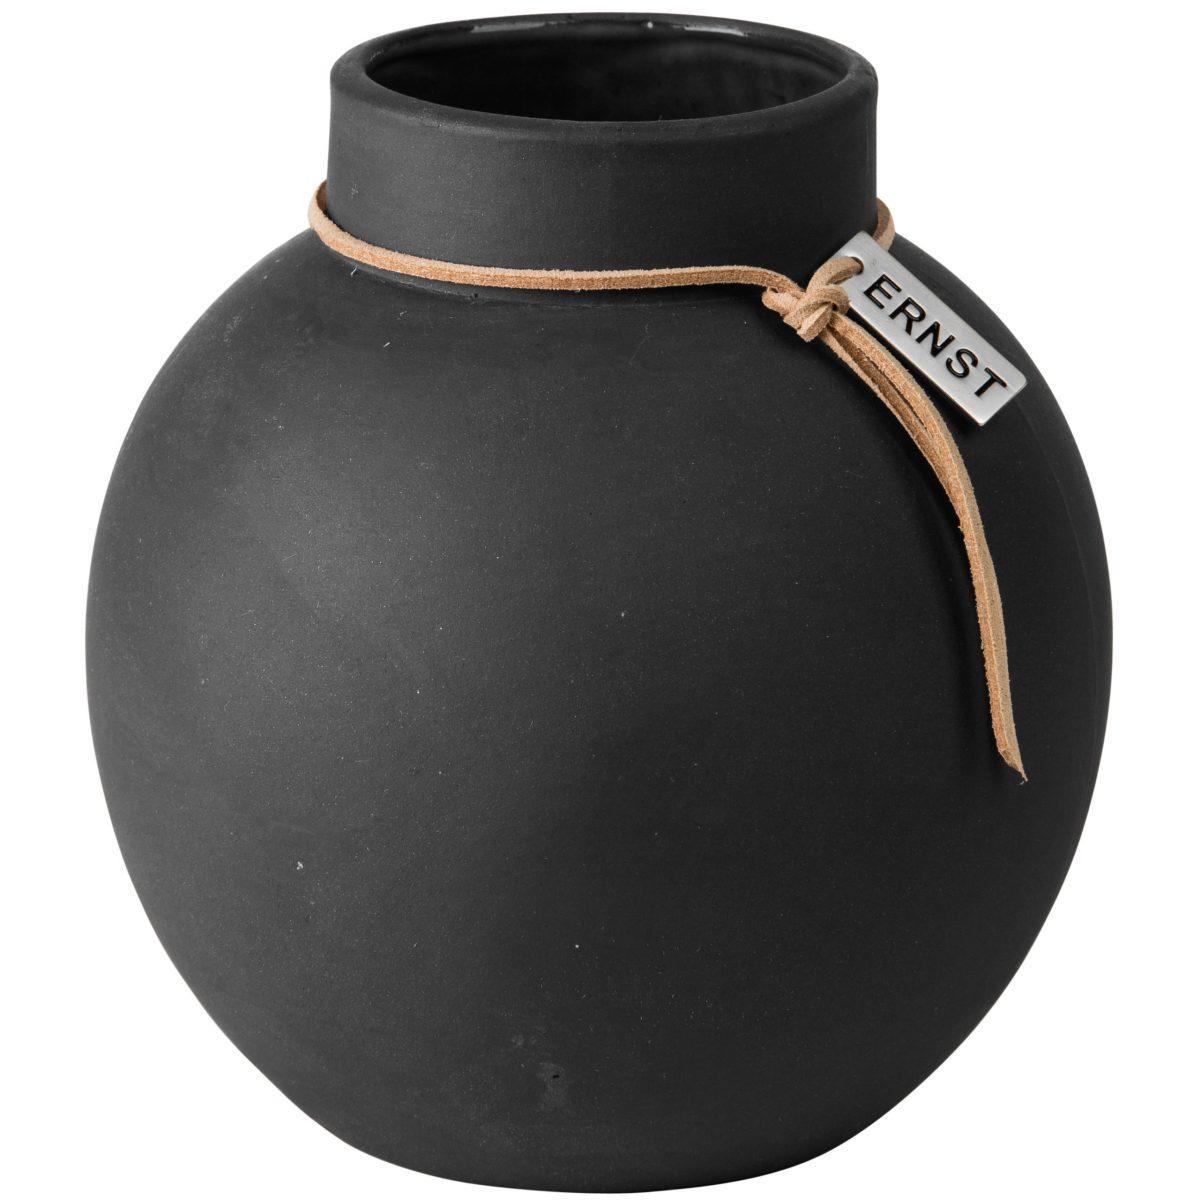 Vase Steingut rund ø22 cm dunkelgrau - ERNST My Home and More